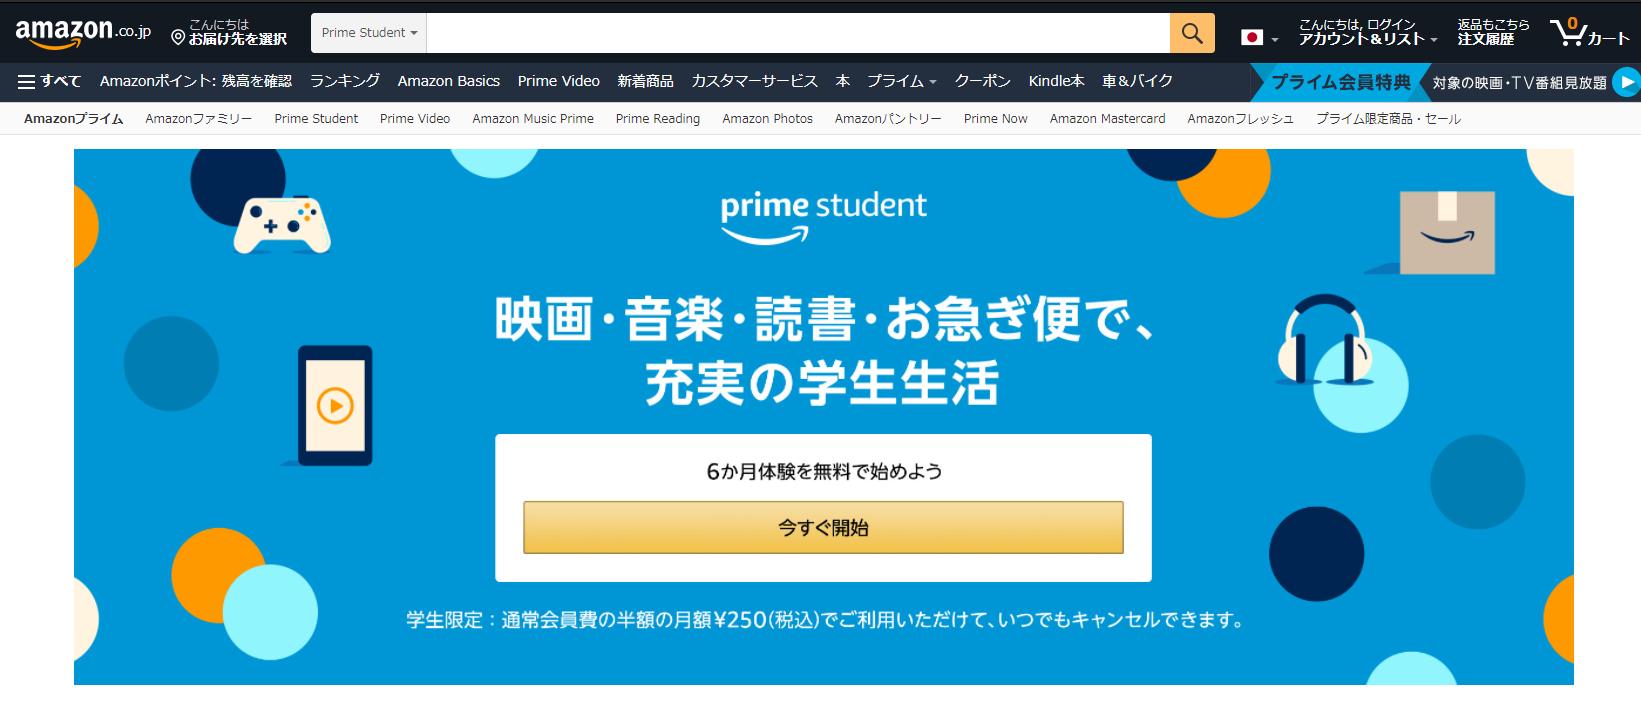 アマゾンプライム Student